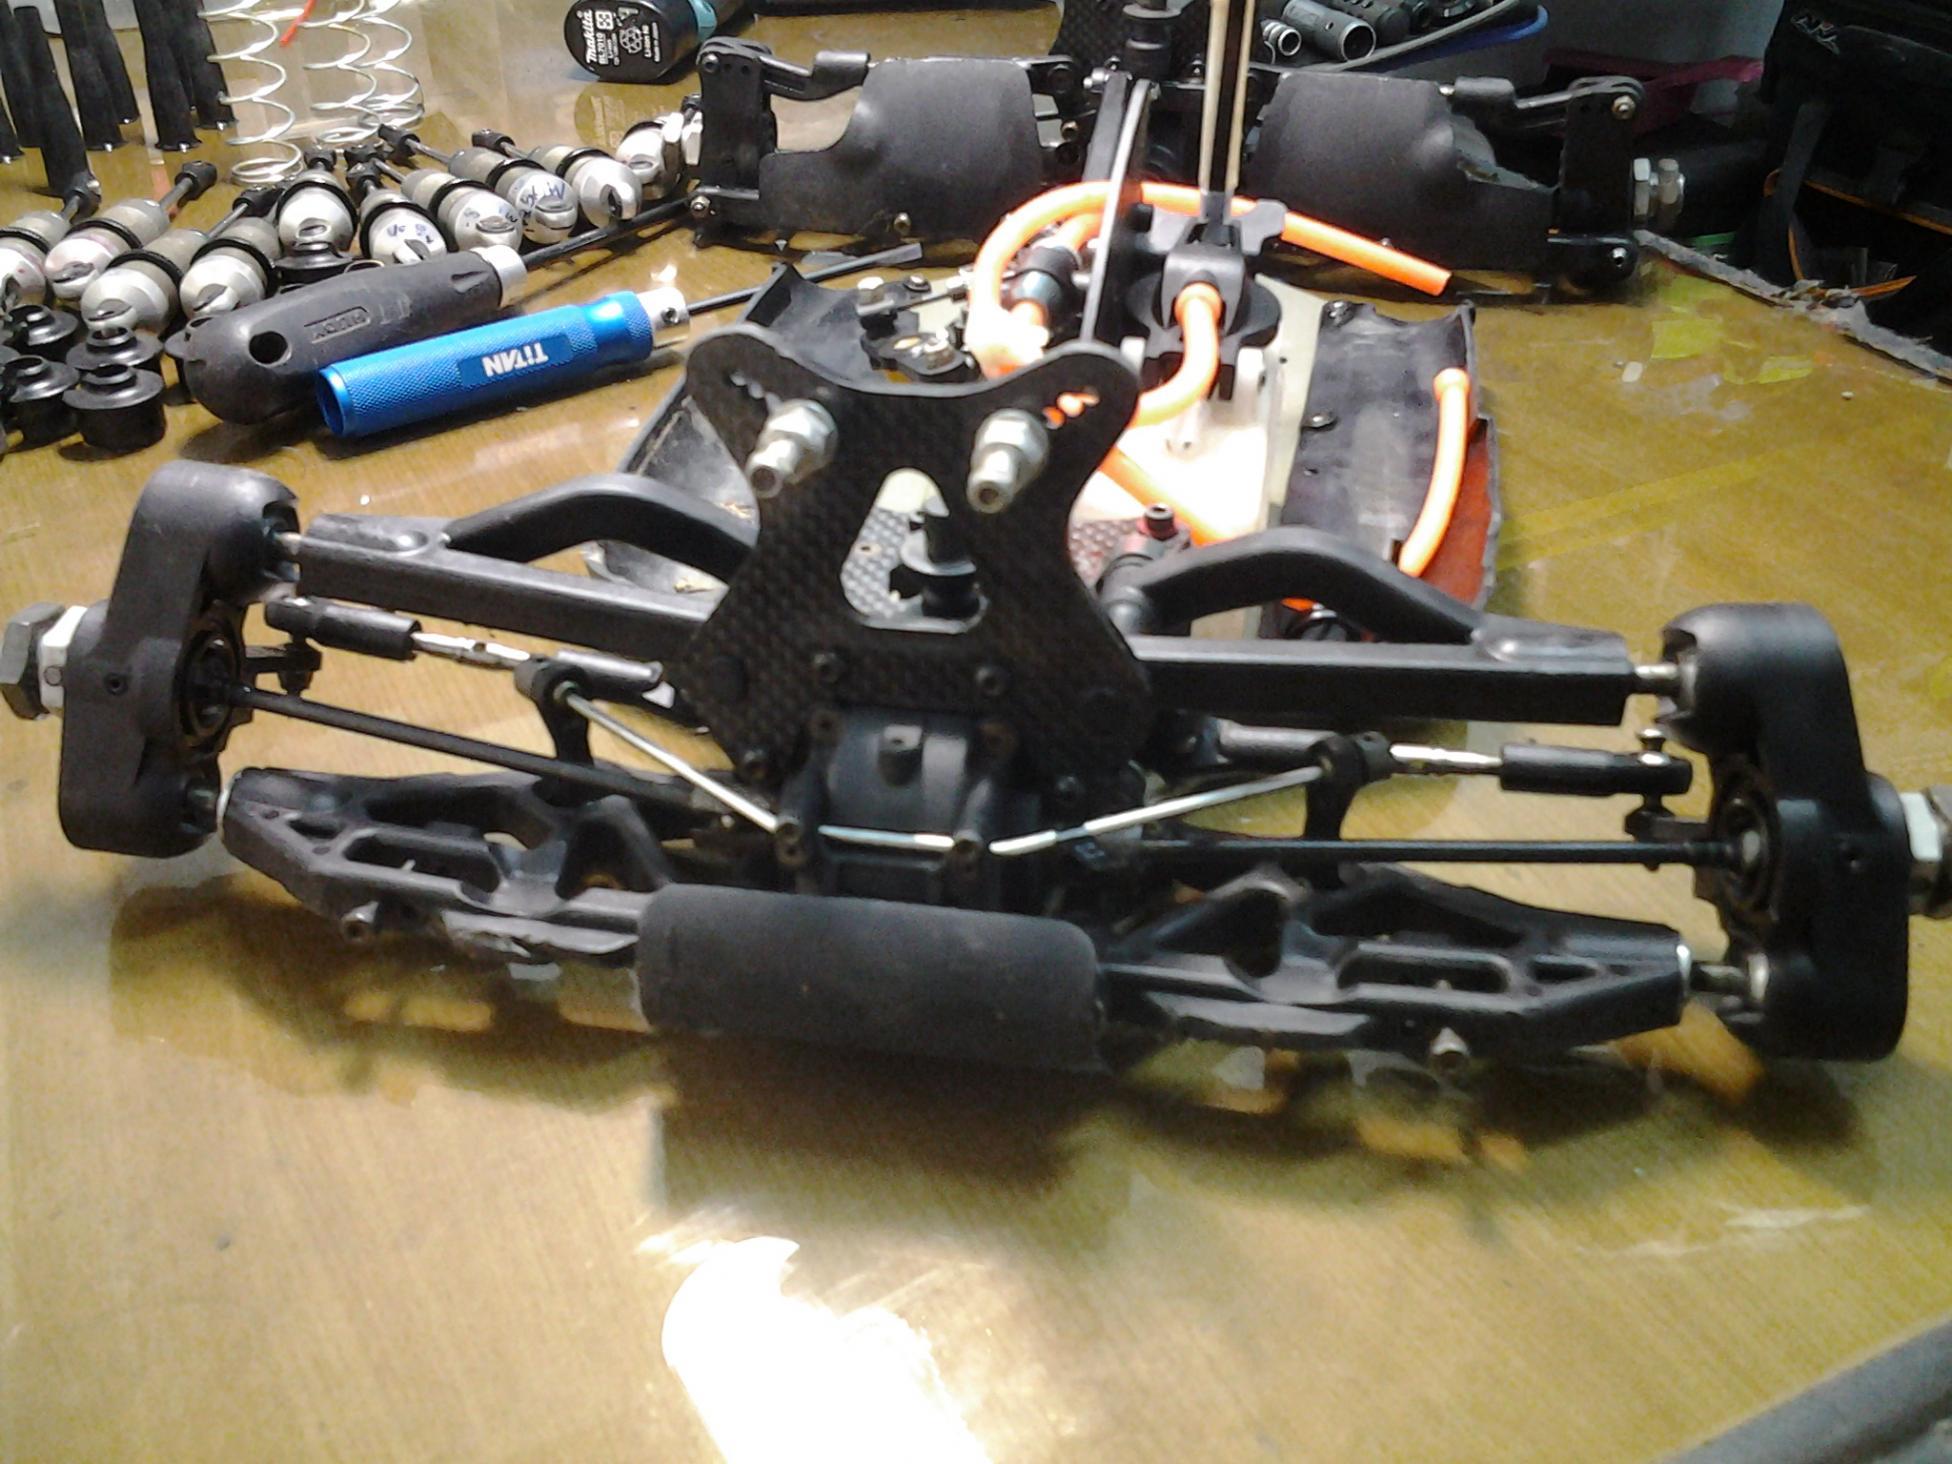 mugen eu MBX6R 1/8 offroad buggy  sale      - R/C Tech Forums